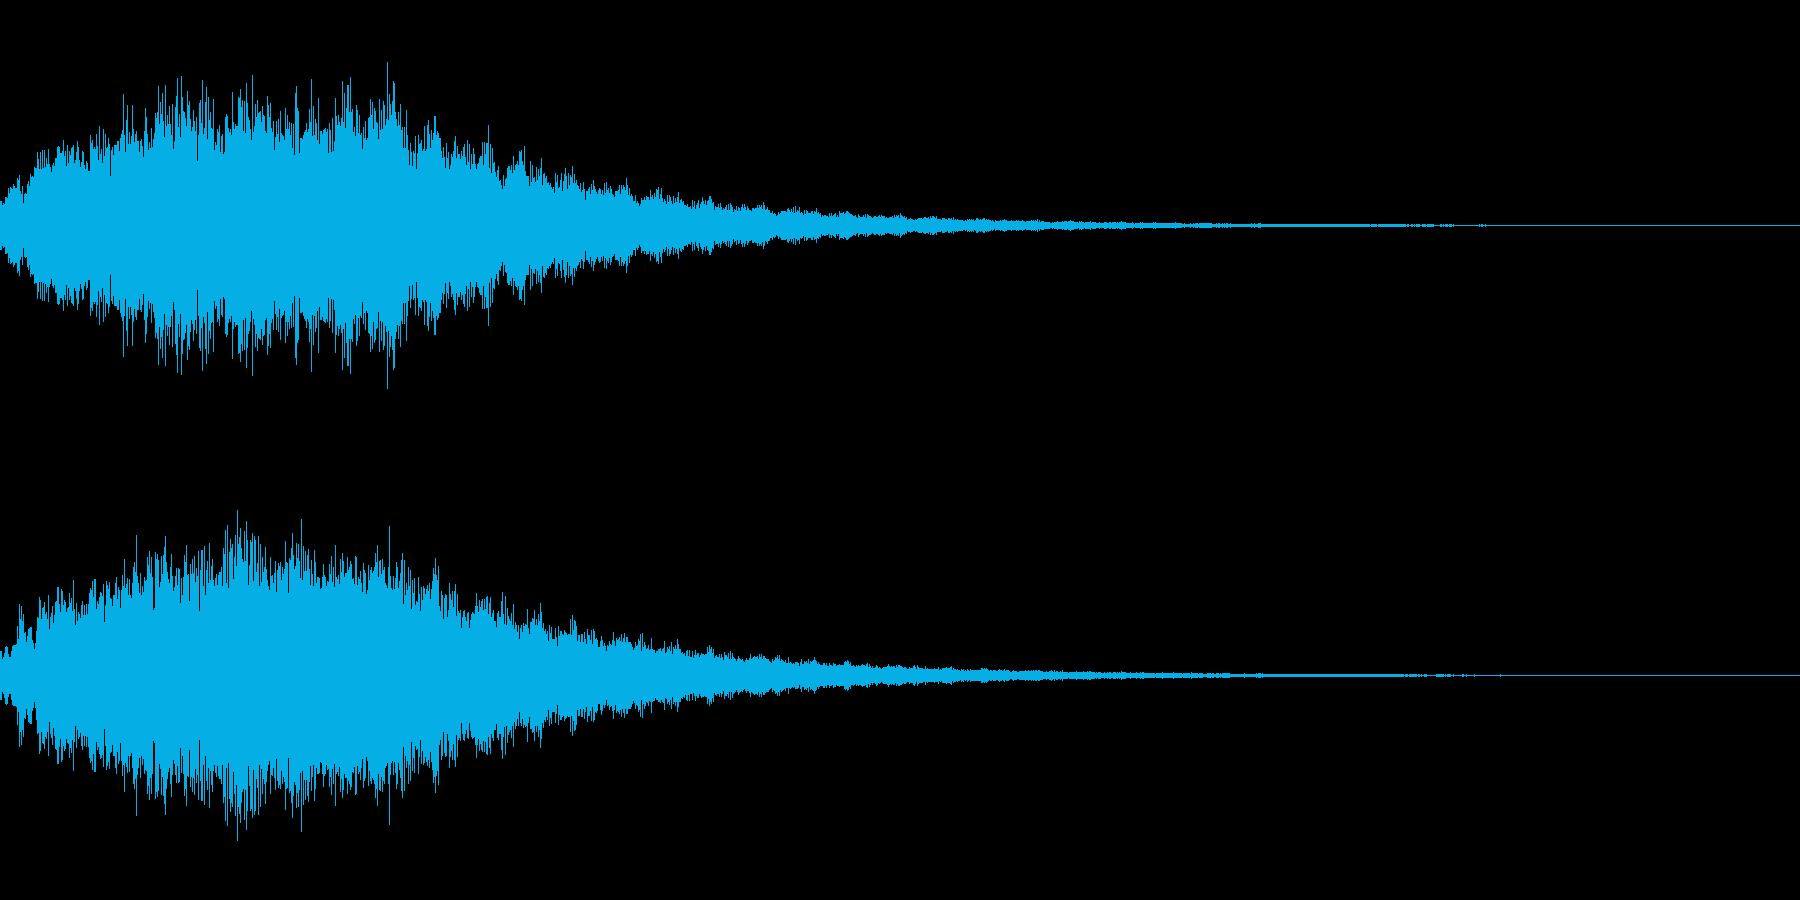 キラキラ シャララーン アイキャッチ07の再生済みの波形